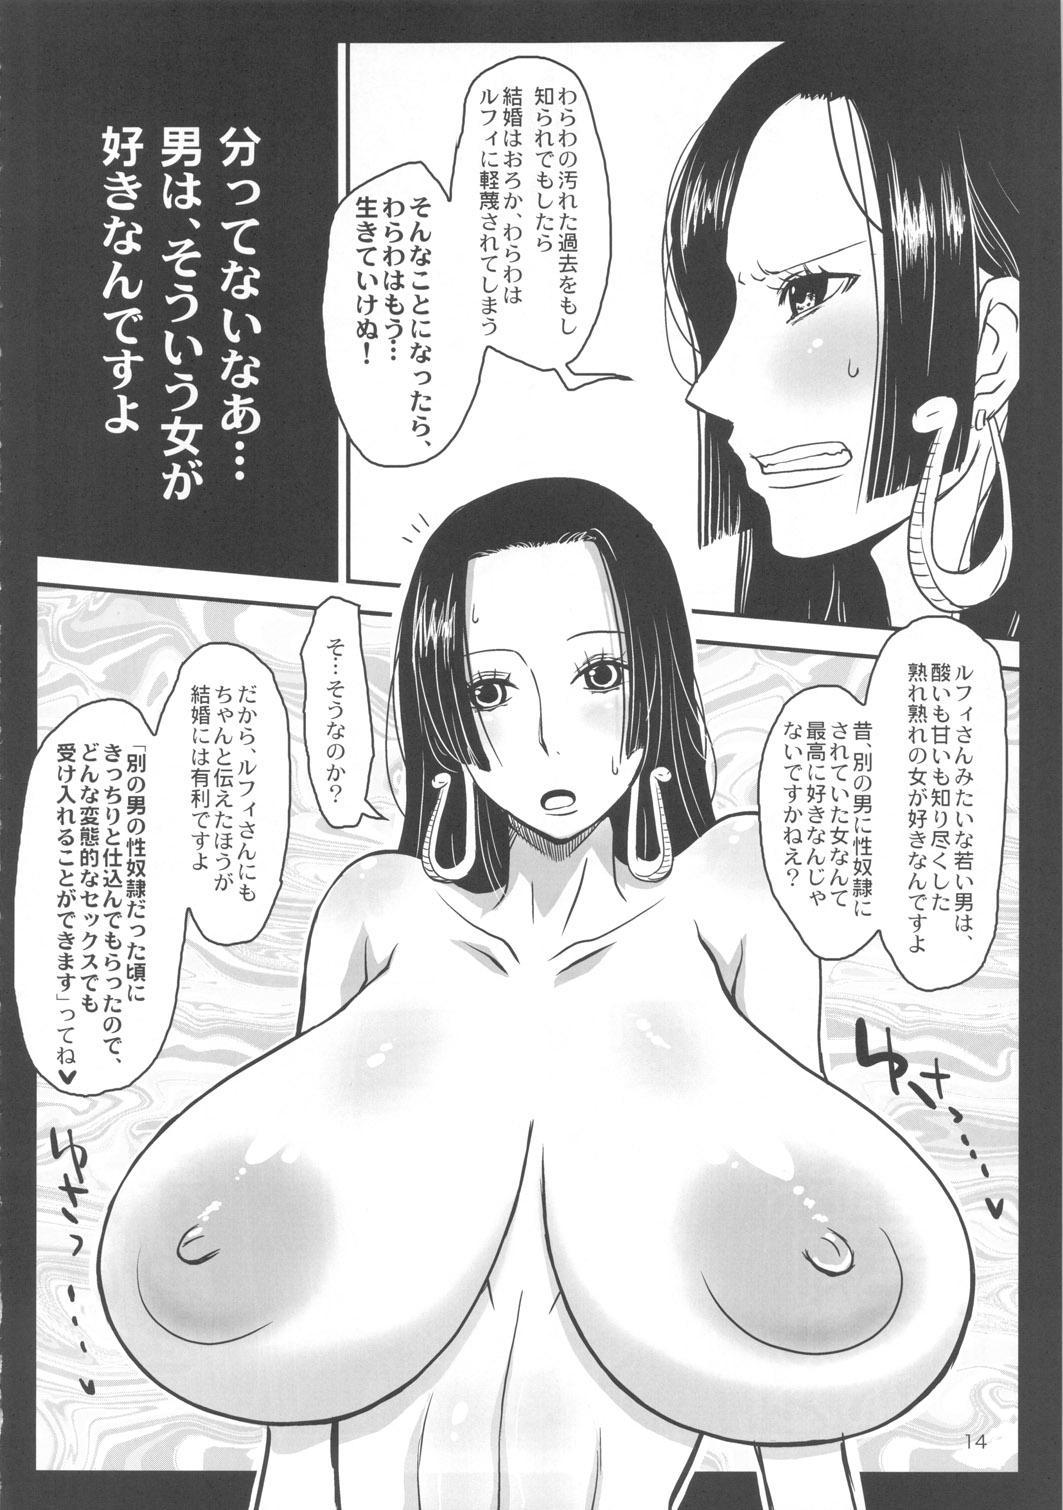 Metabolism-H Moto Dorei Kaizoku Jotei Hancock no Hanayome Shiyugyou 12